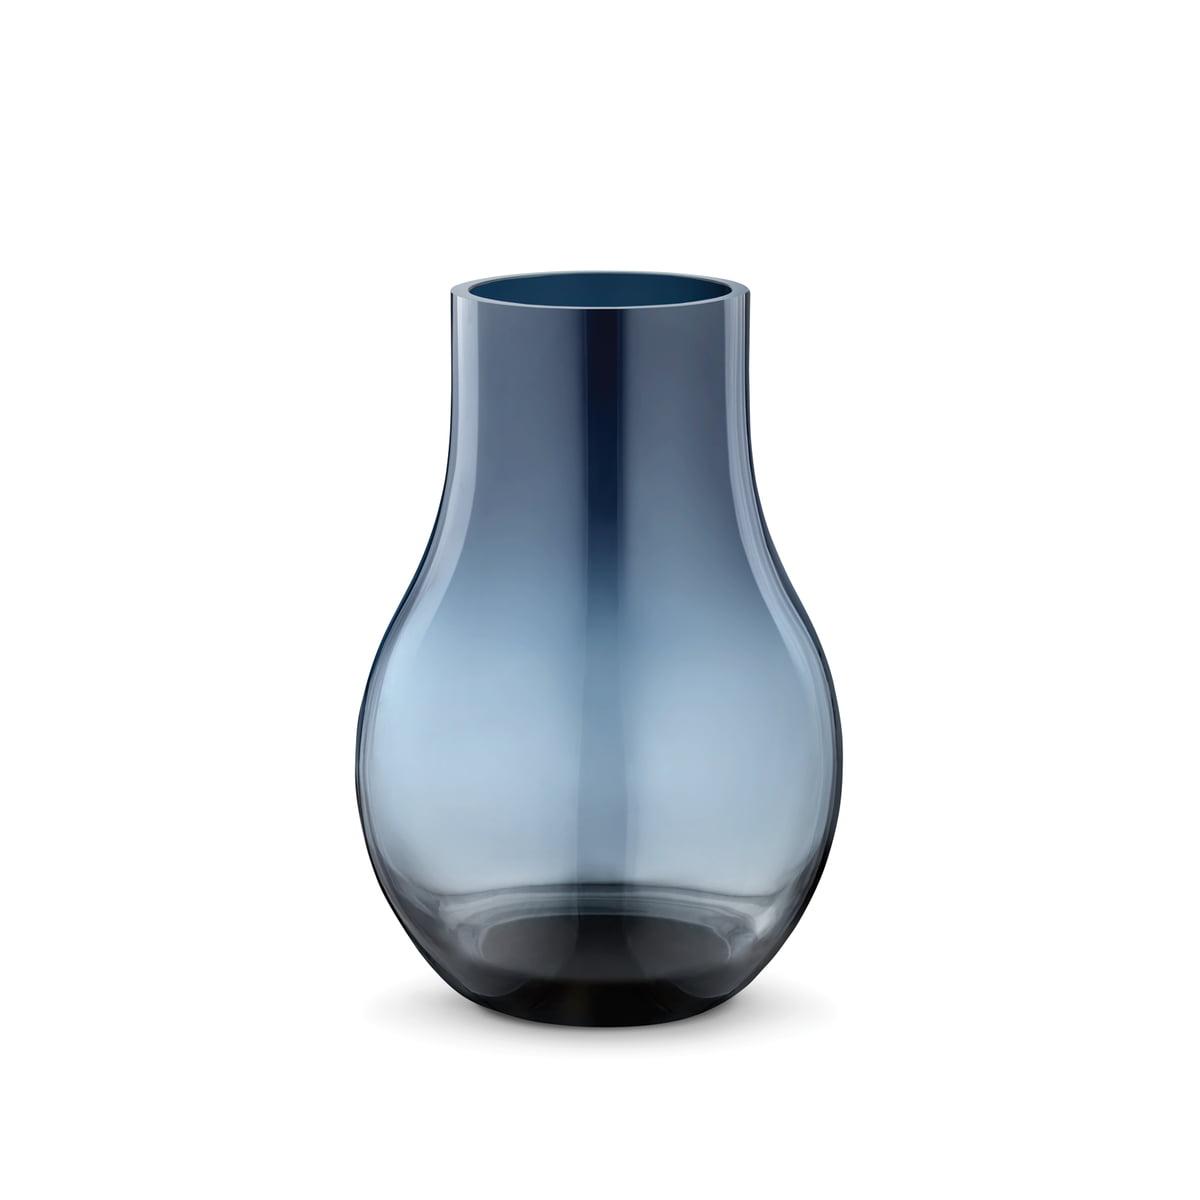 Cafu Vase Glas, S